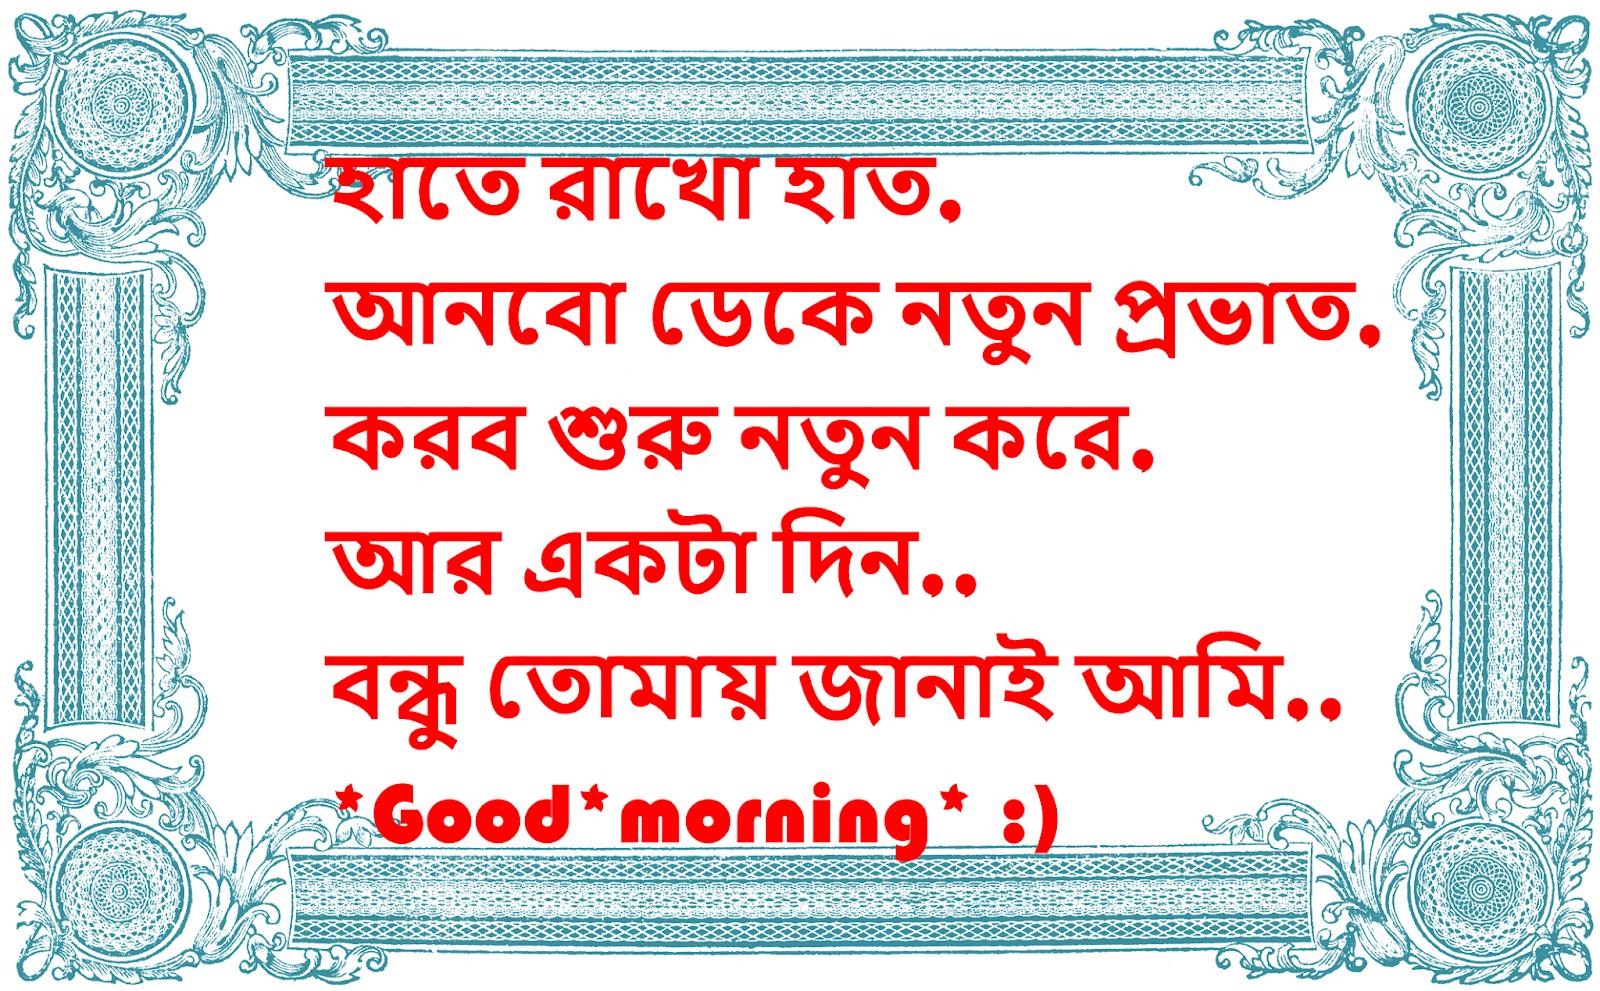 bangla goodmorning sms